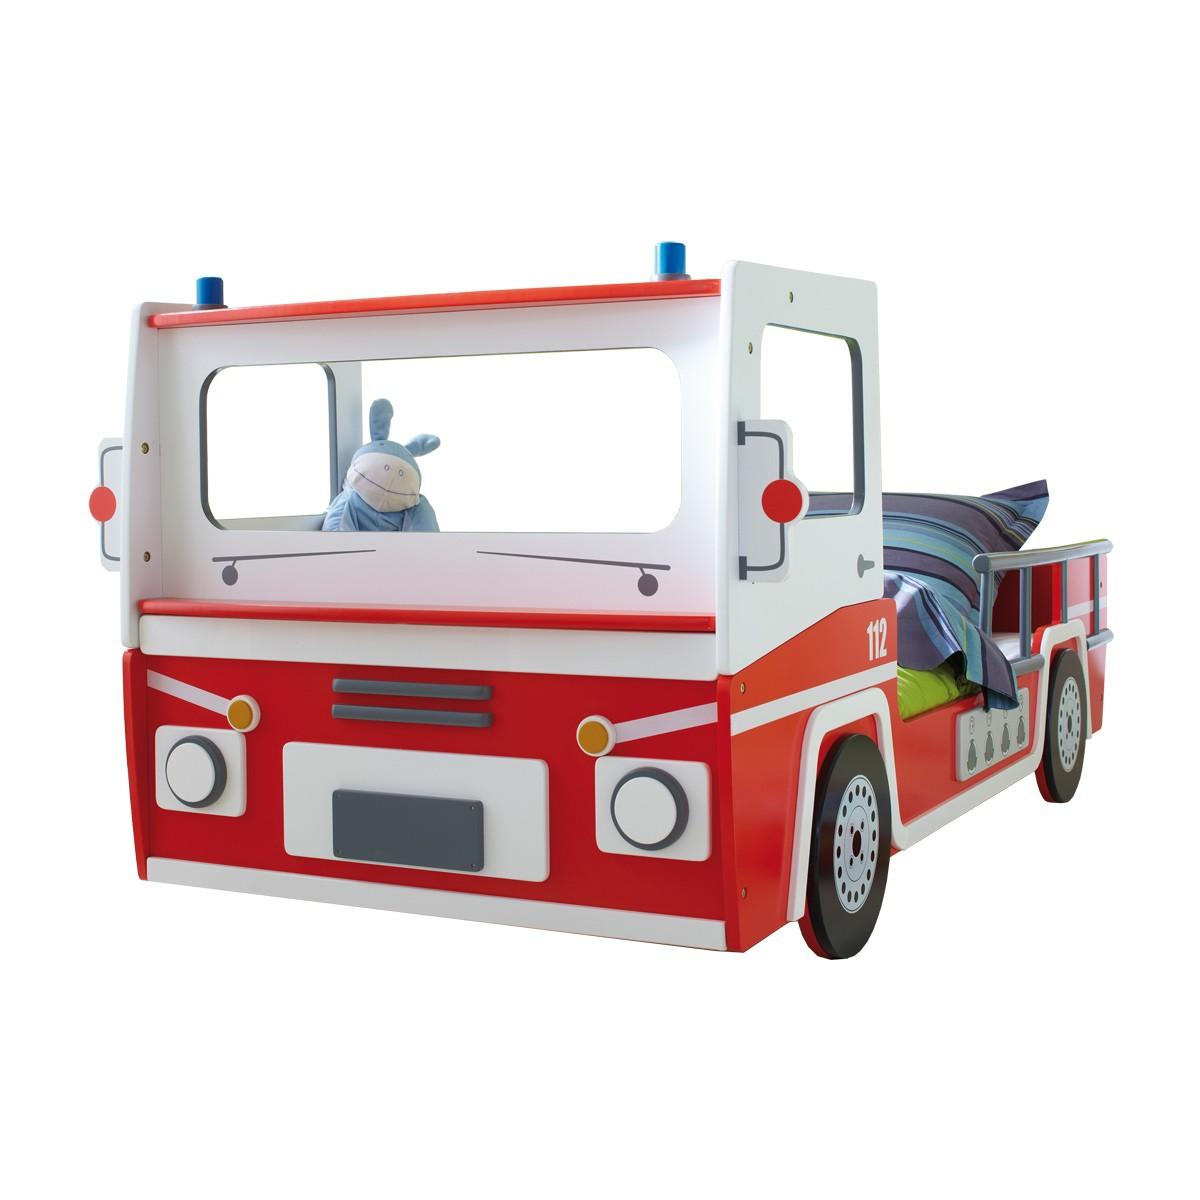 Kinderbett feuerwehr feuerwehrbett autobett spielbett in for Bett feuerwehr